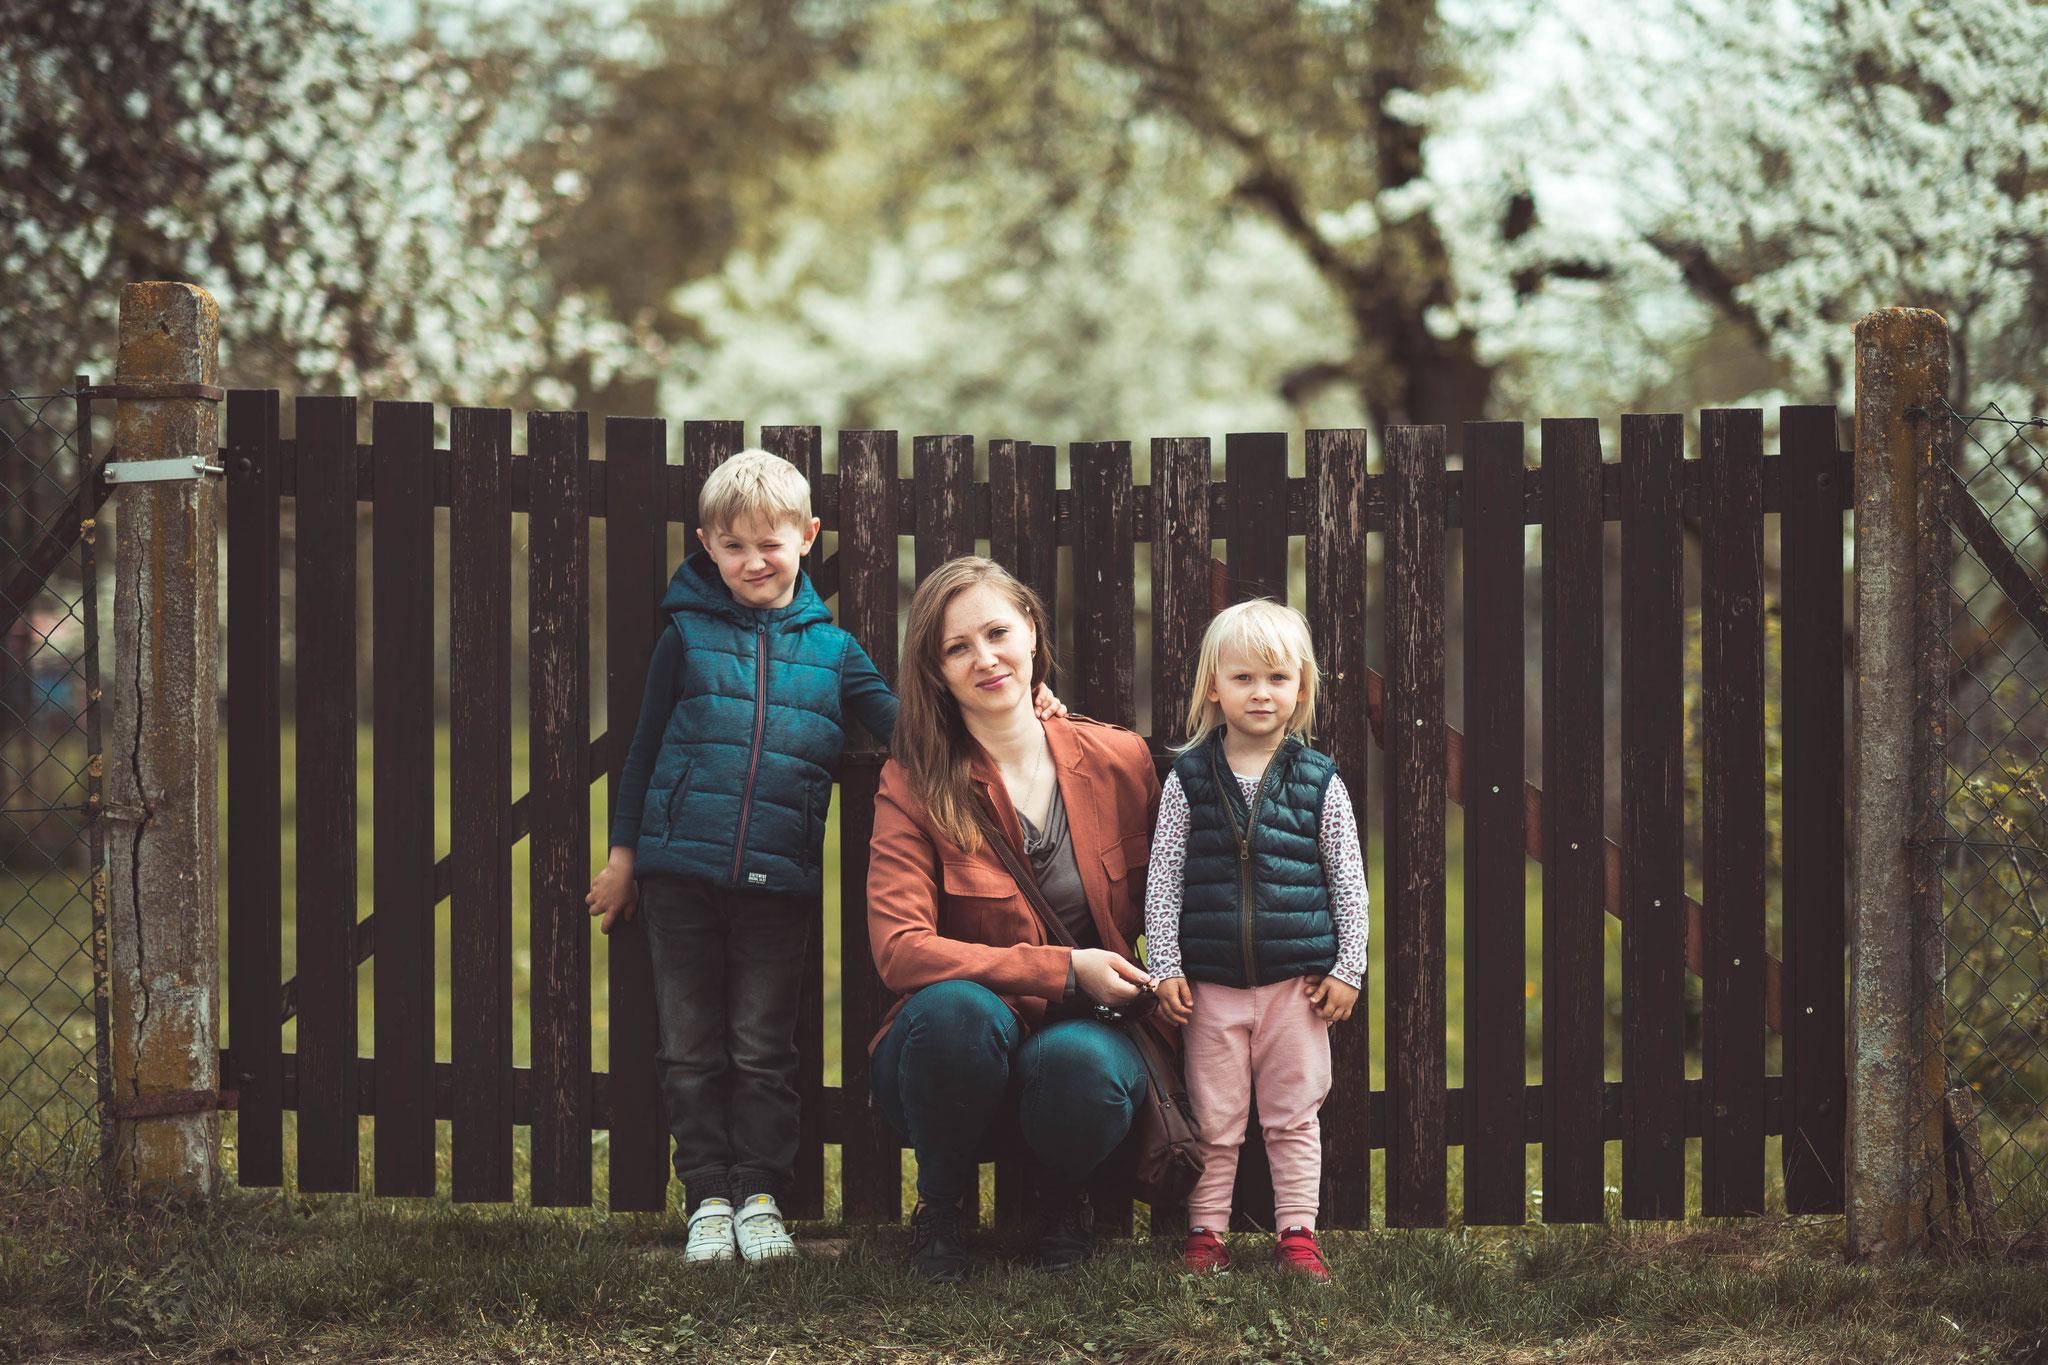 Familienaufnahmen und Gruppenfotos in Frankfurt, Friedrichsdorf und Umgebung